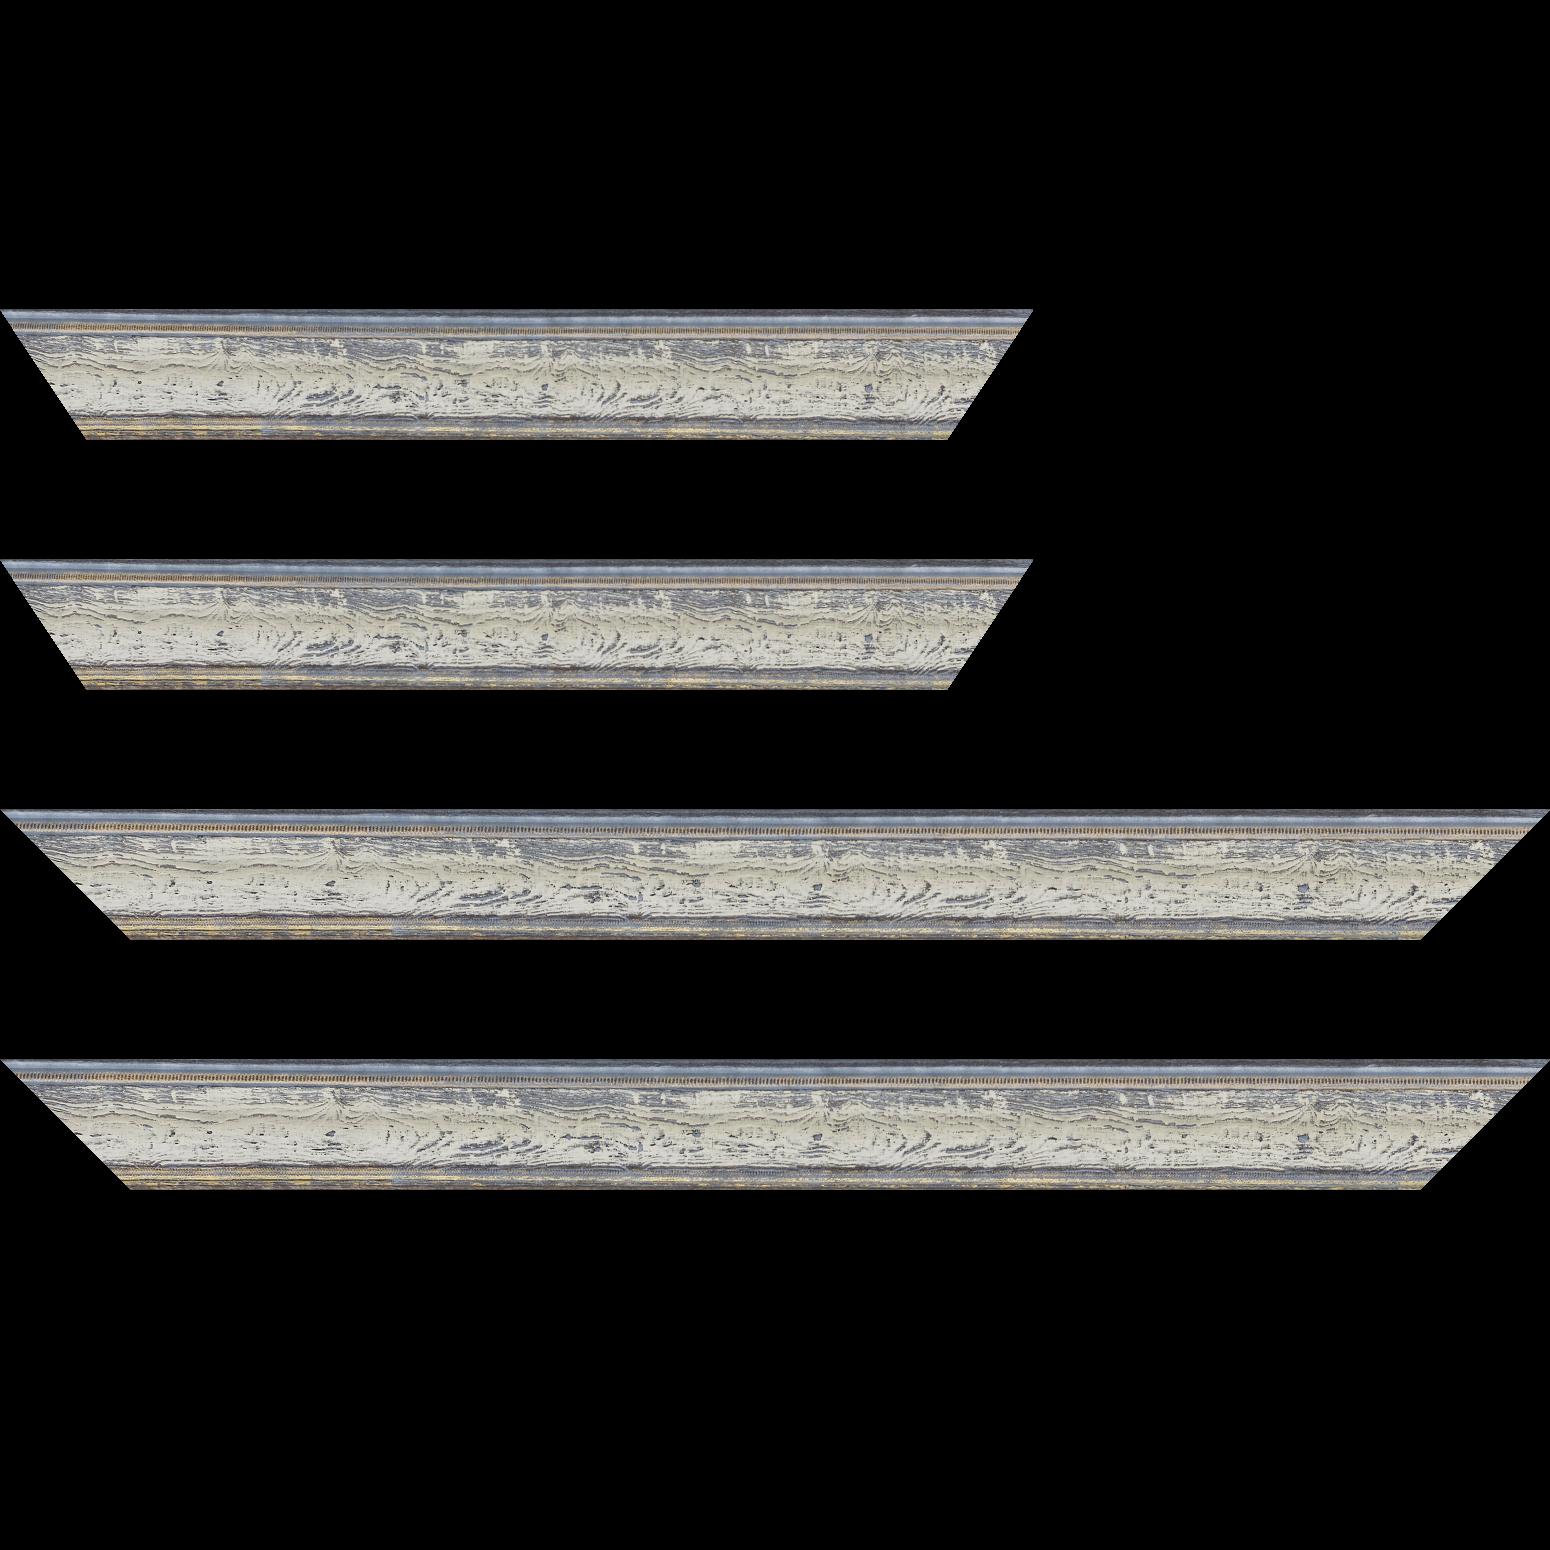 Baguette service précoupé Bois incurvé profil incurvé largeur 4.1cm couleur bleu blanchie aspect veiné liseret or